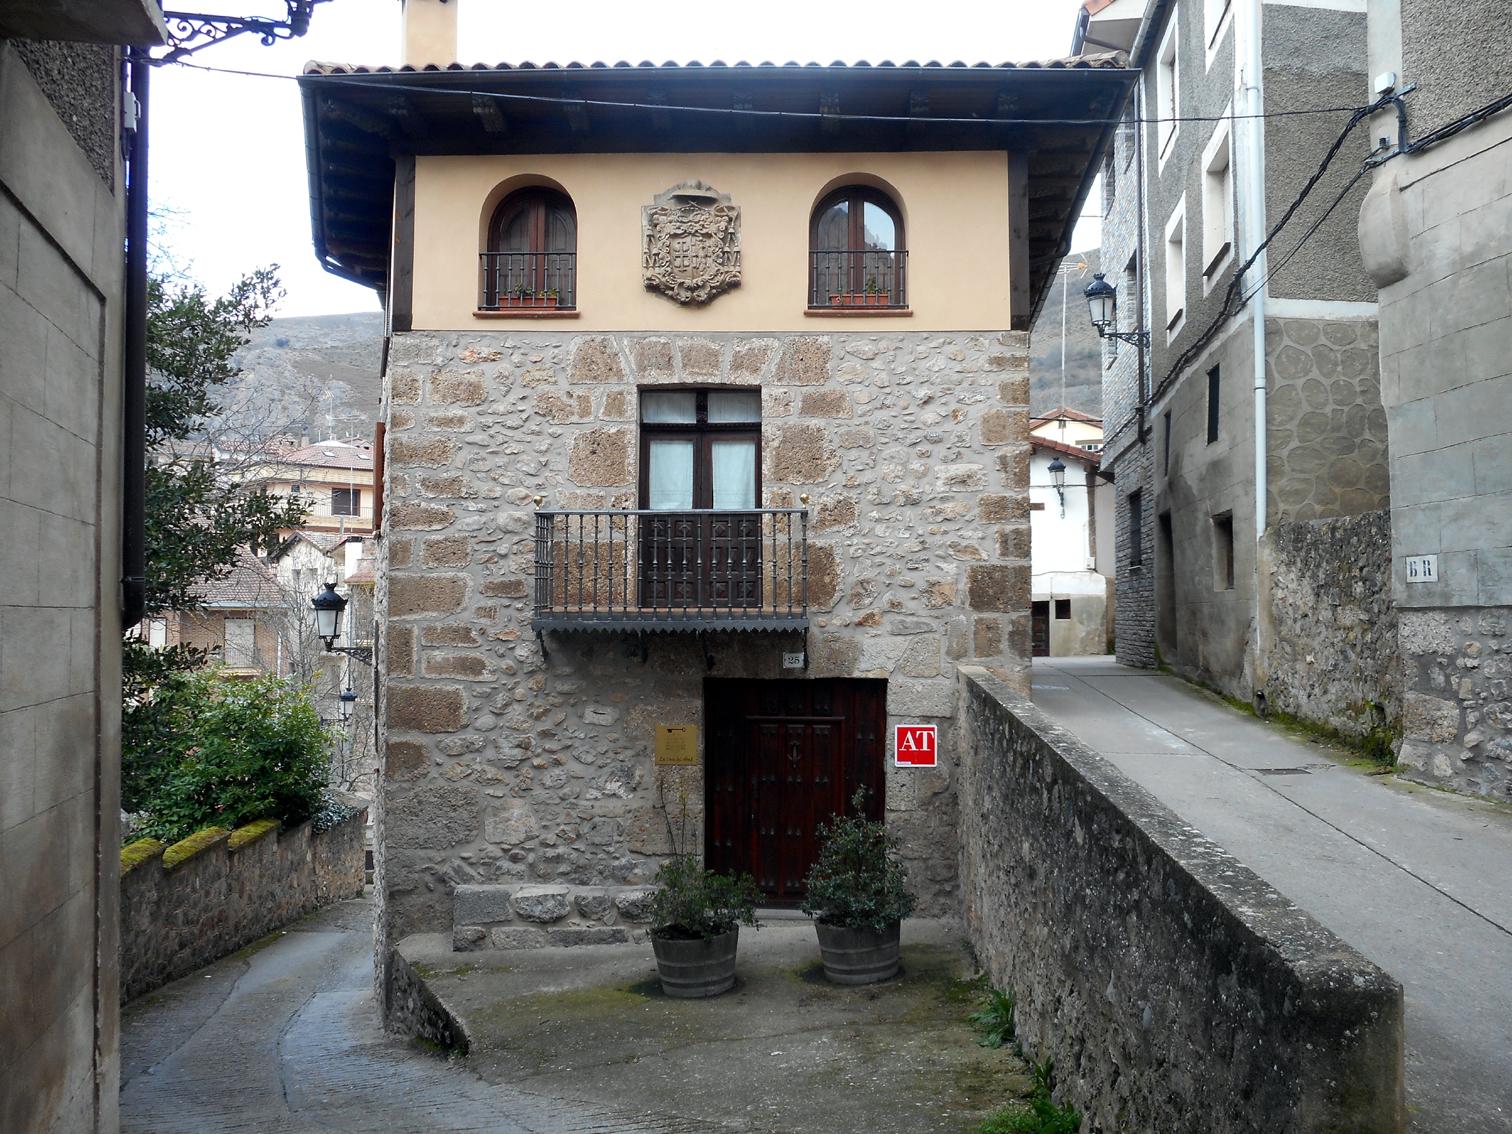 Casas solariegas en la rioja 399 anguiano v casa del abad - Casas prefabricadas la rioja ...